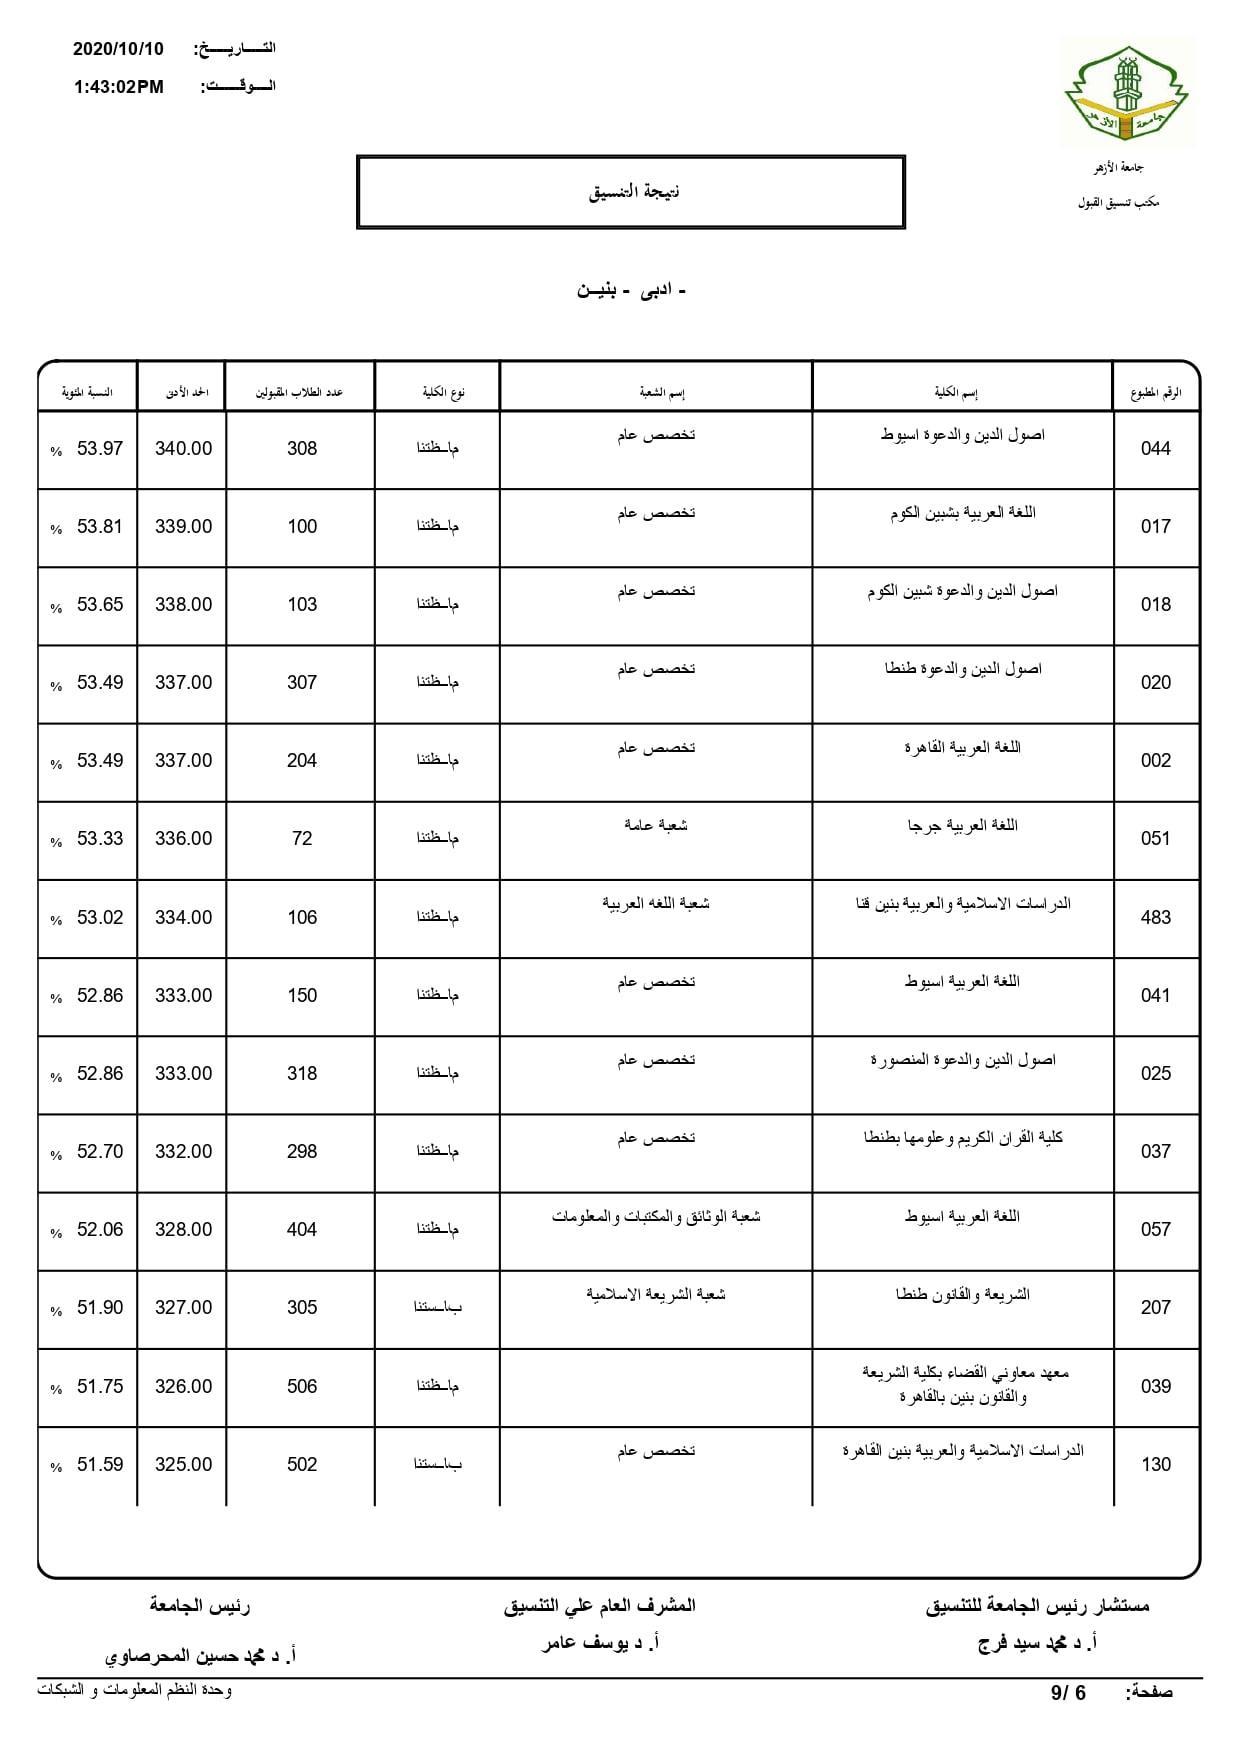 نتيجة تنسيق كليات جامعة الأزهر لعام 2020 بالكامل 20201010201754612